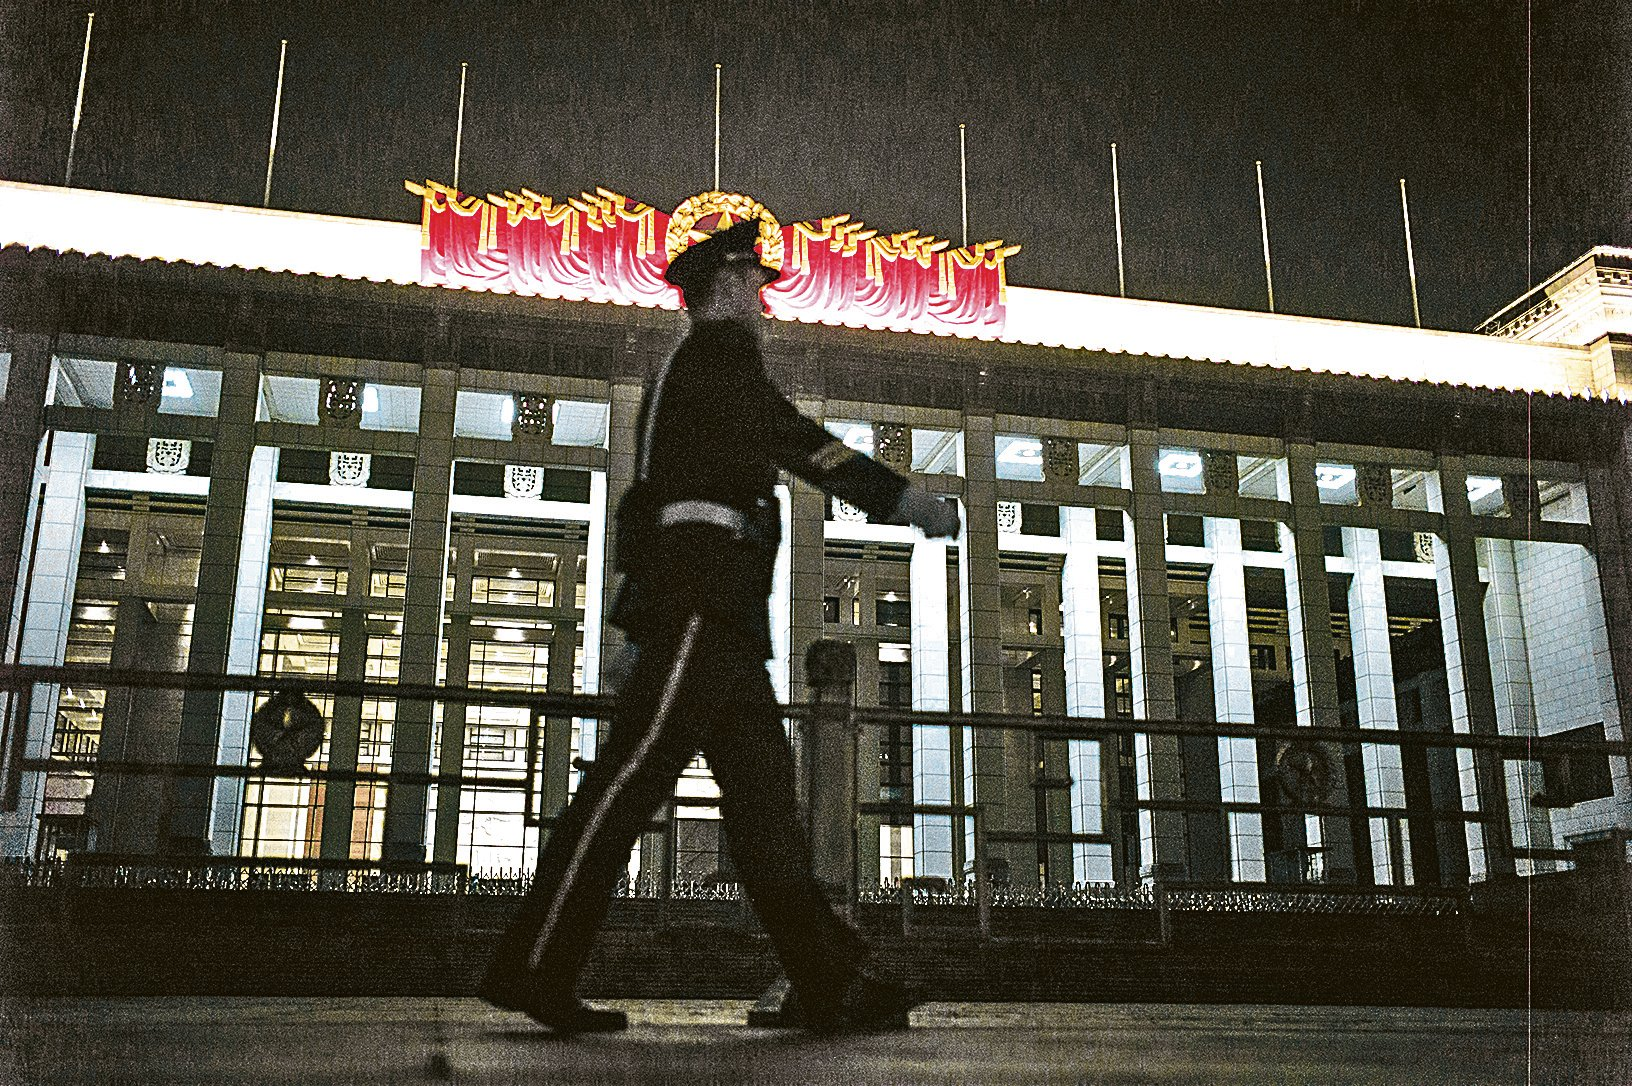 習近平利用六中全會發出信息:他的標誌性反腐運動遠未結束,他的權威沒有減弱。圖為天安門廣場。(Getty Images)